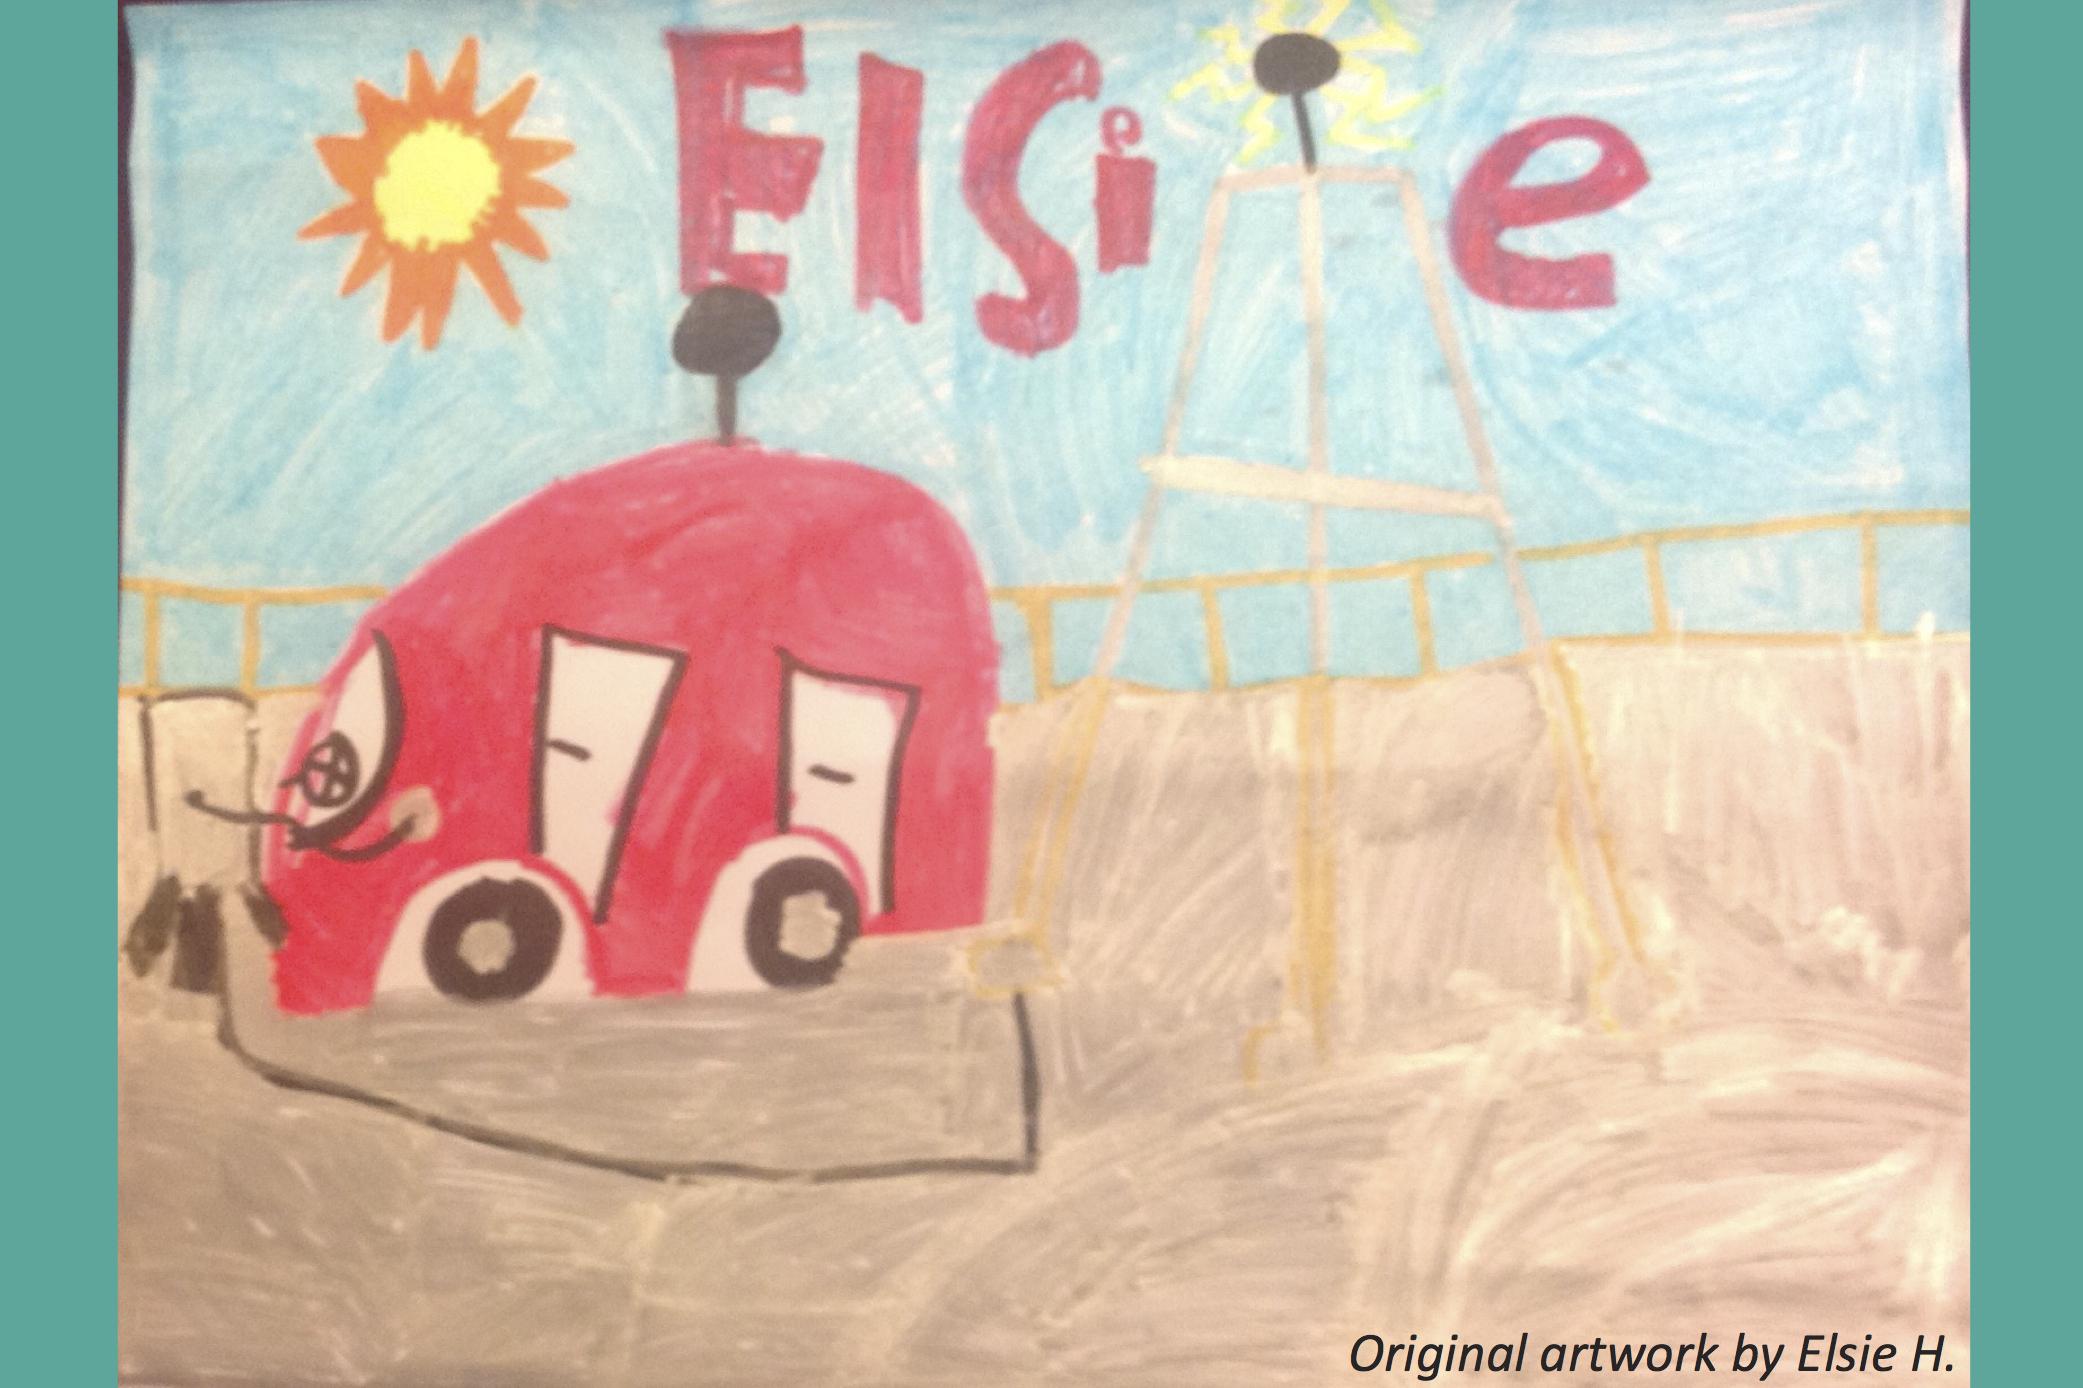 Elsie's Electric Car